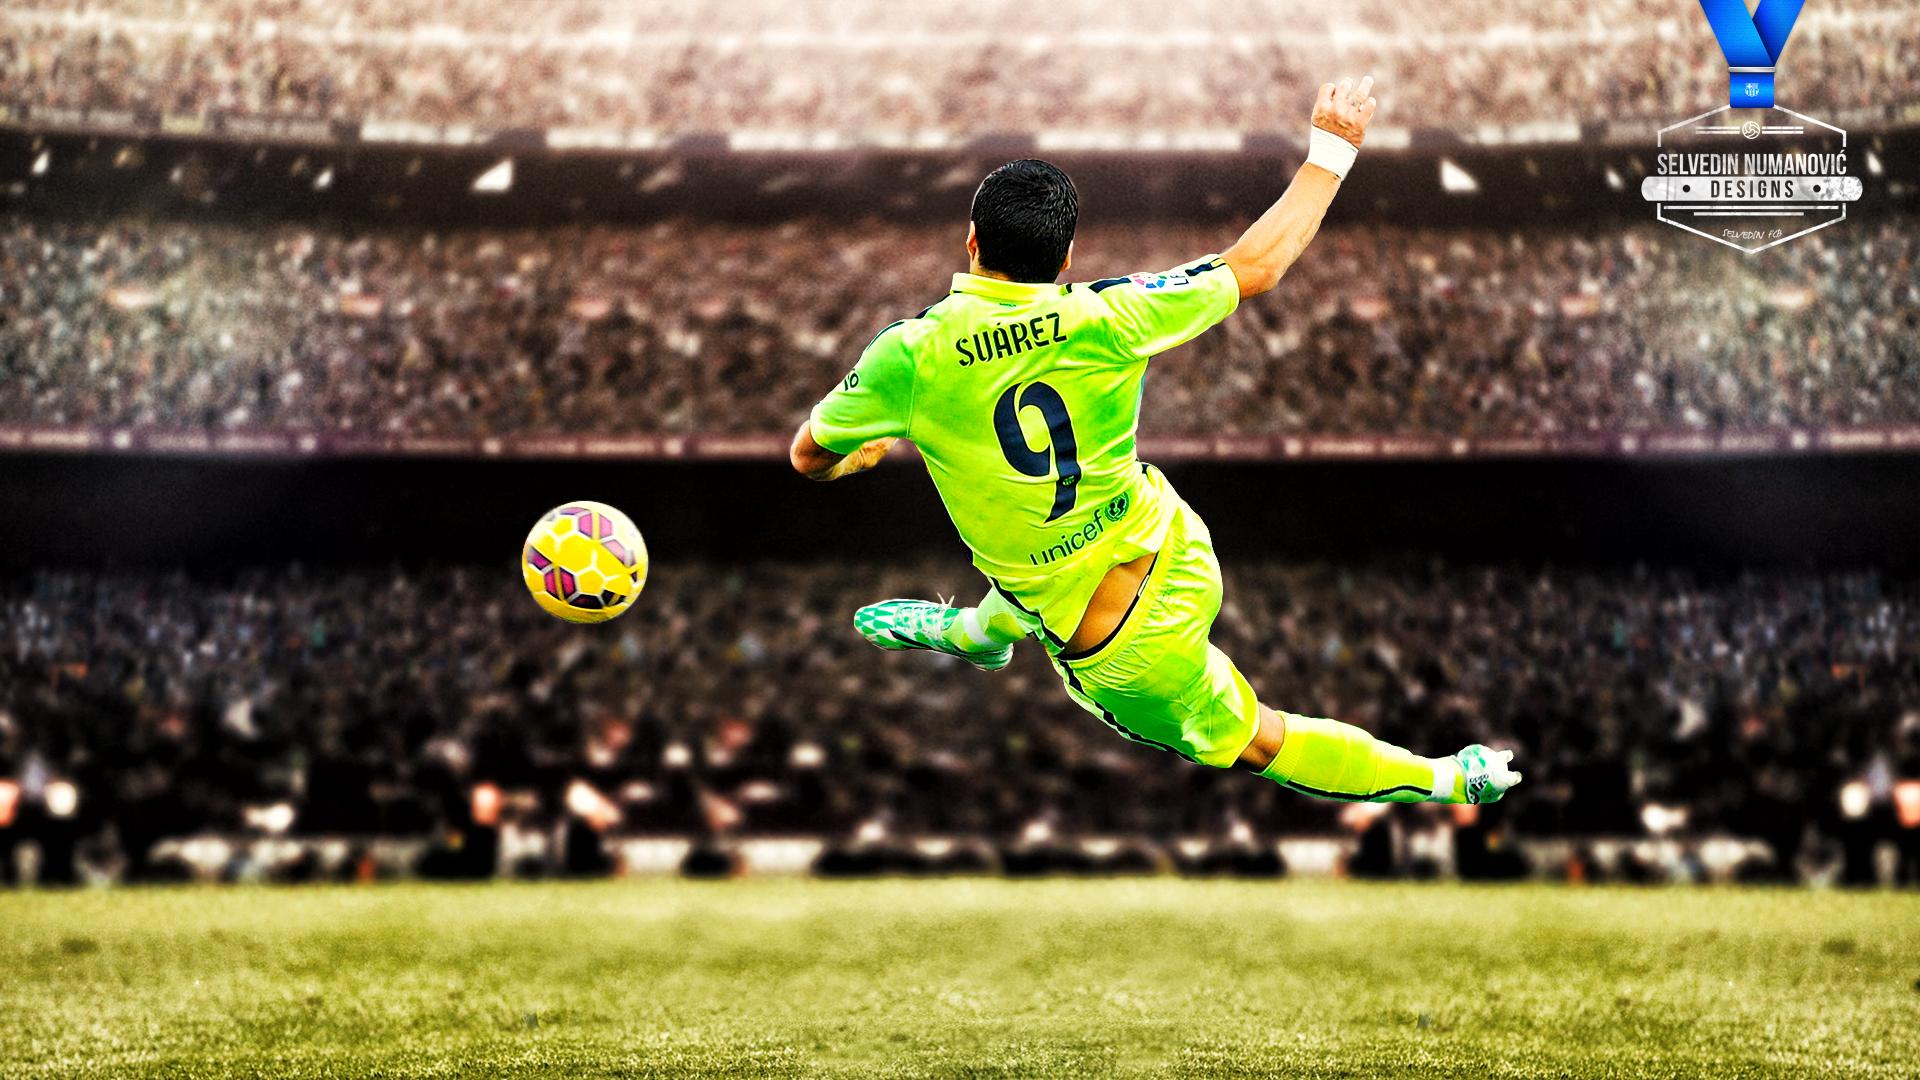 Luis Suarez FC Barcelona wallpaper HD by SelvedinFCB 1920x1080